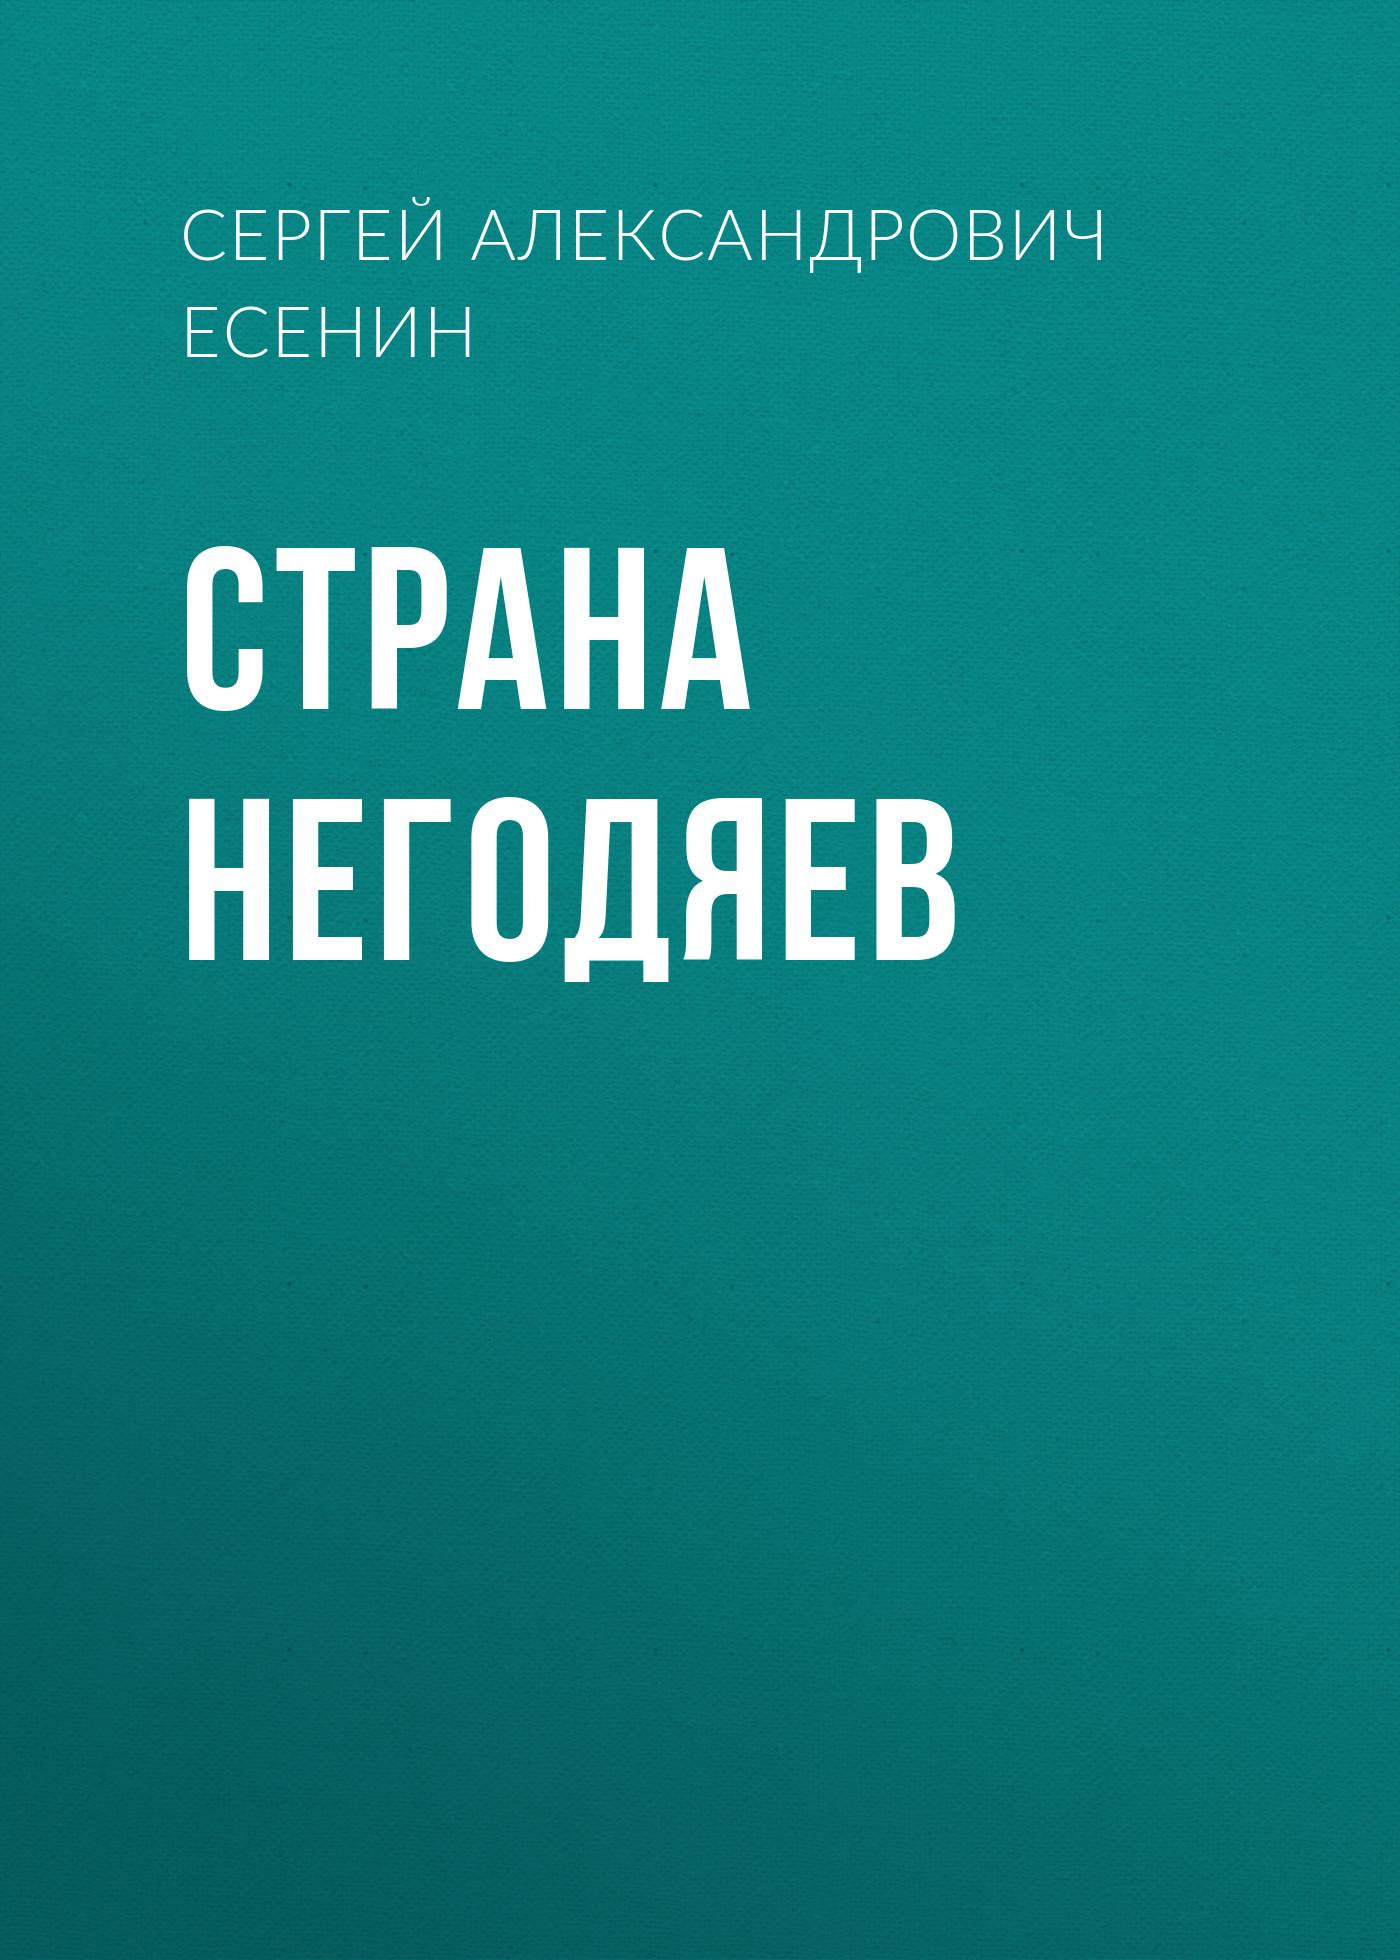 Сергей Есенин Страна негодяев